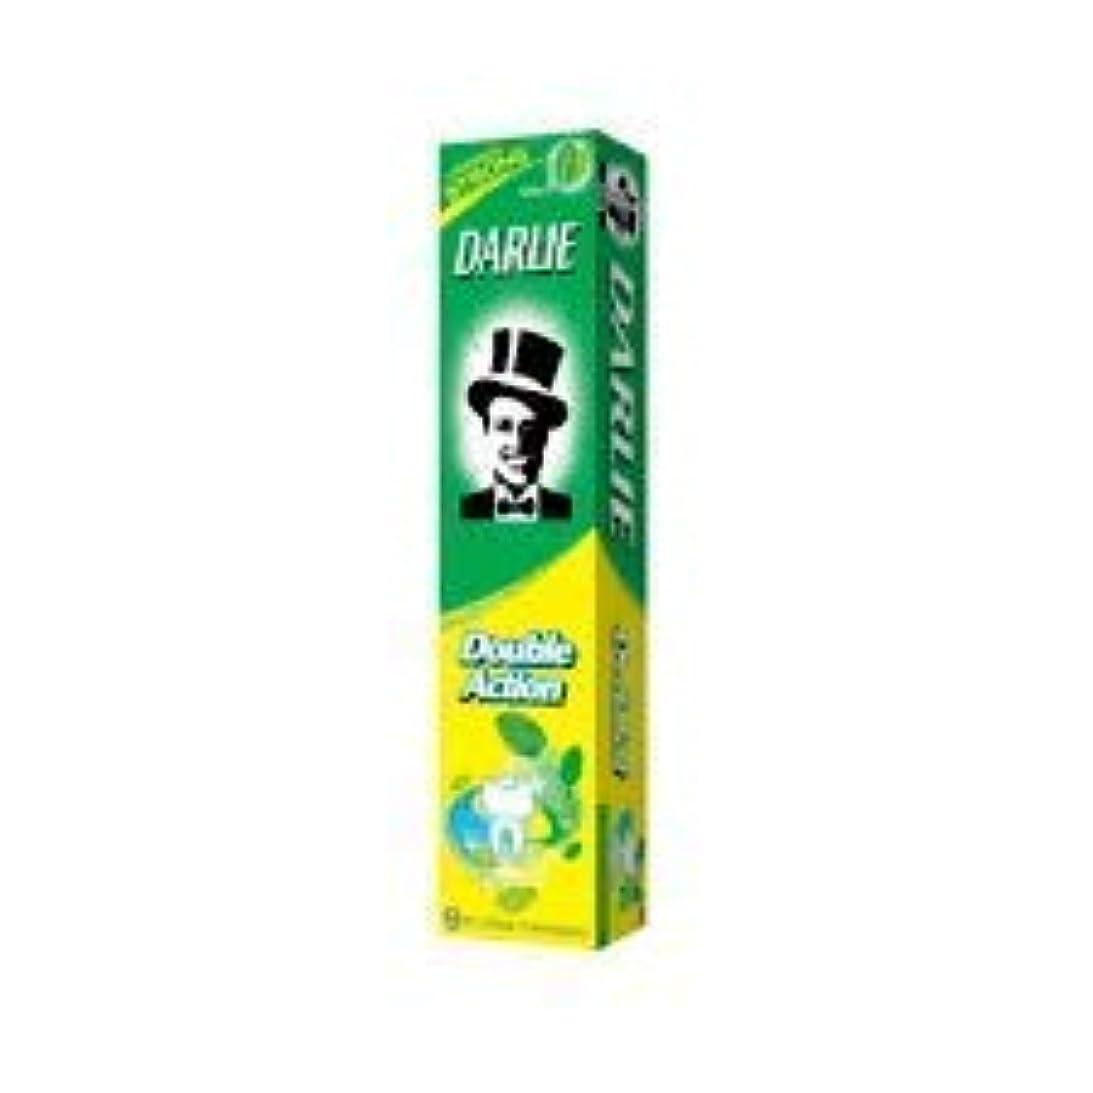 知る虚栄心気付くDARLIE ナチュラルミント百グラムの黒歯磨き粉歯磨き粉二重の役割は - 歯を強化し、虫歯を防ぐためにフッ化物を追加します